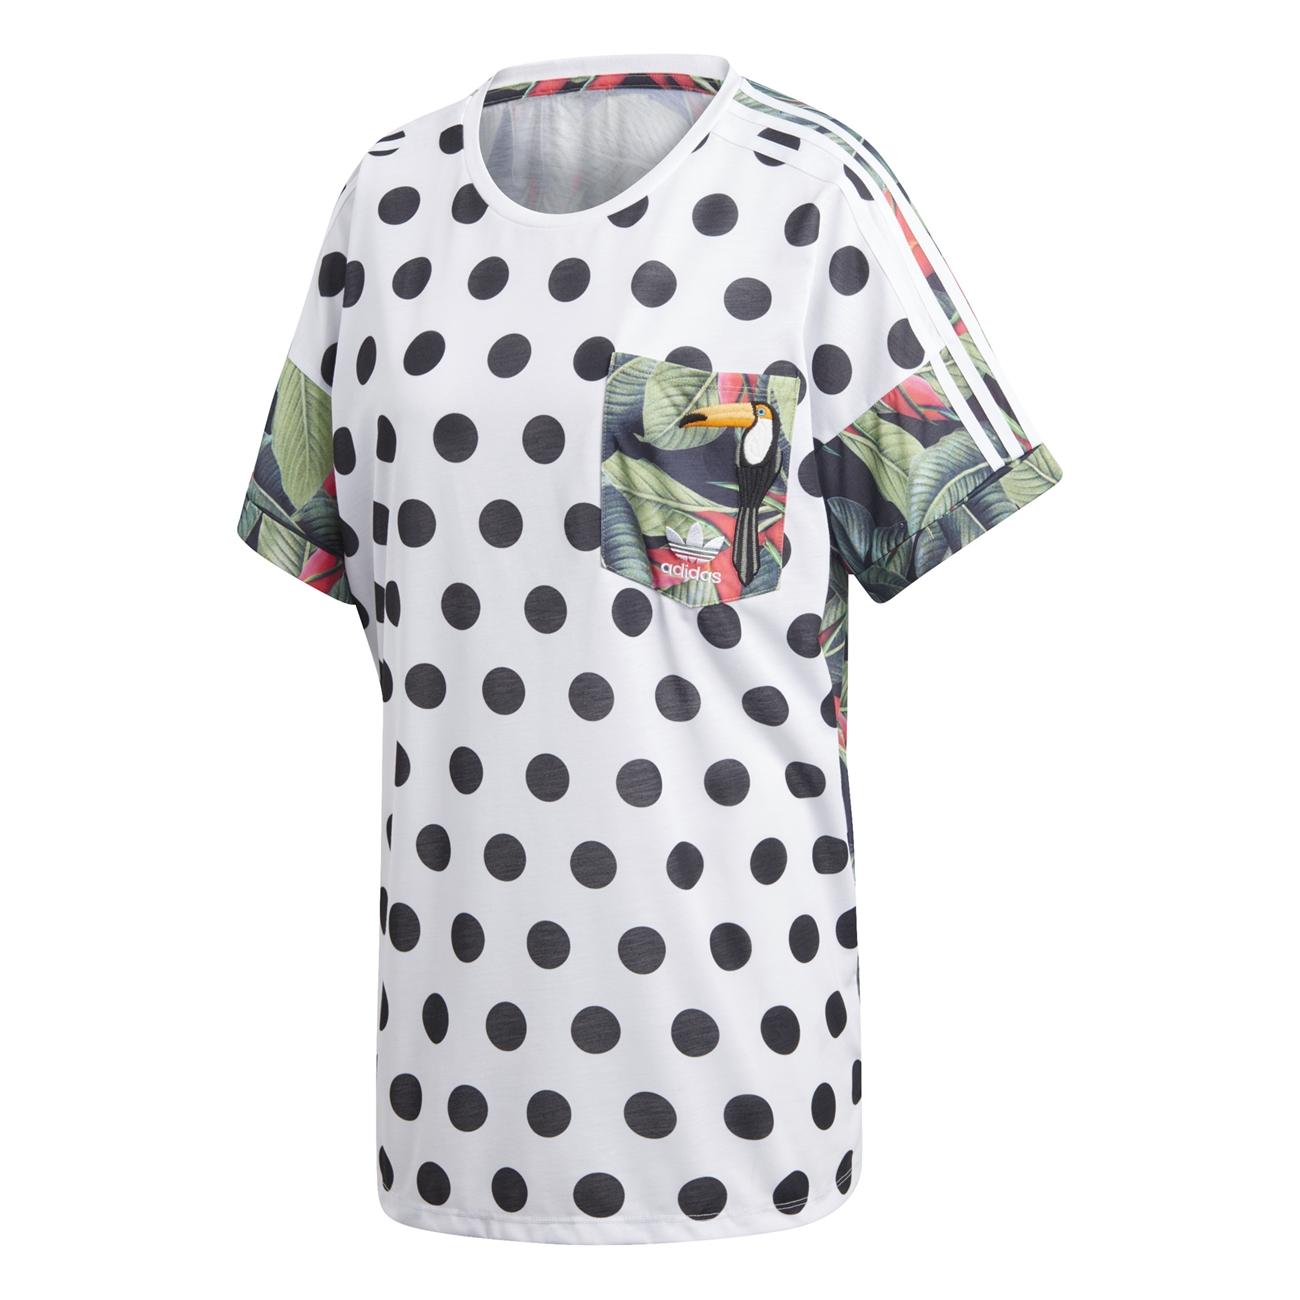 inferencia Recepción Tomar conciencia  camiseta adidas lunares - Tienda Online de Zapatos, Ropa y Complementos de  marca